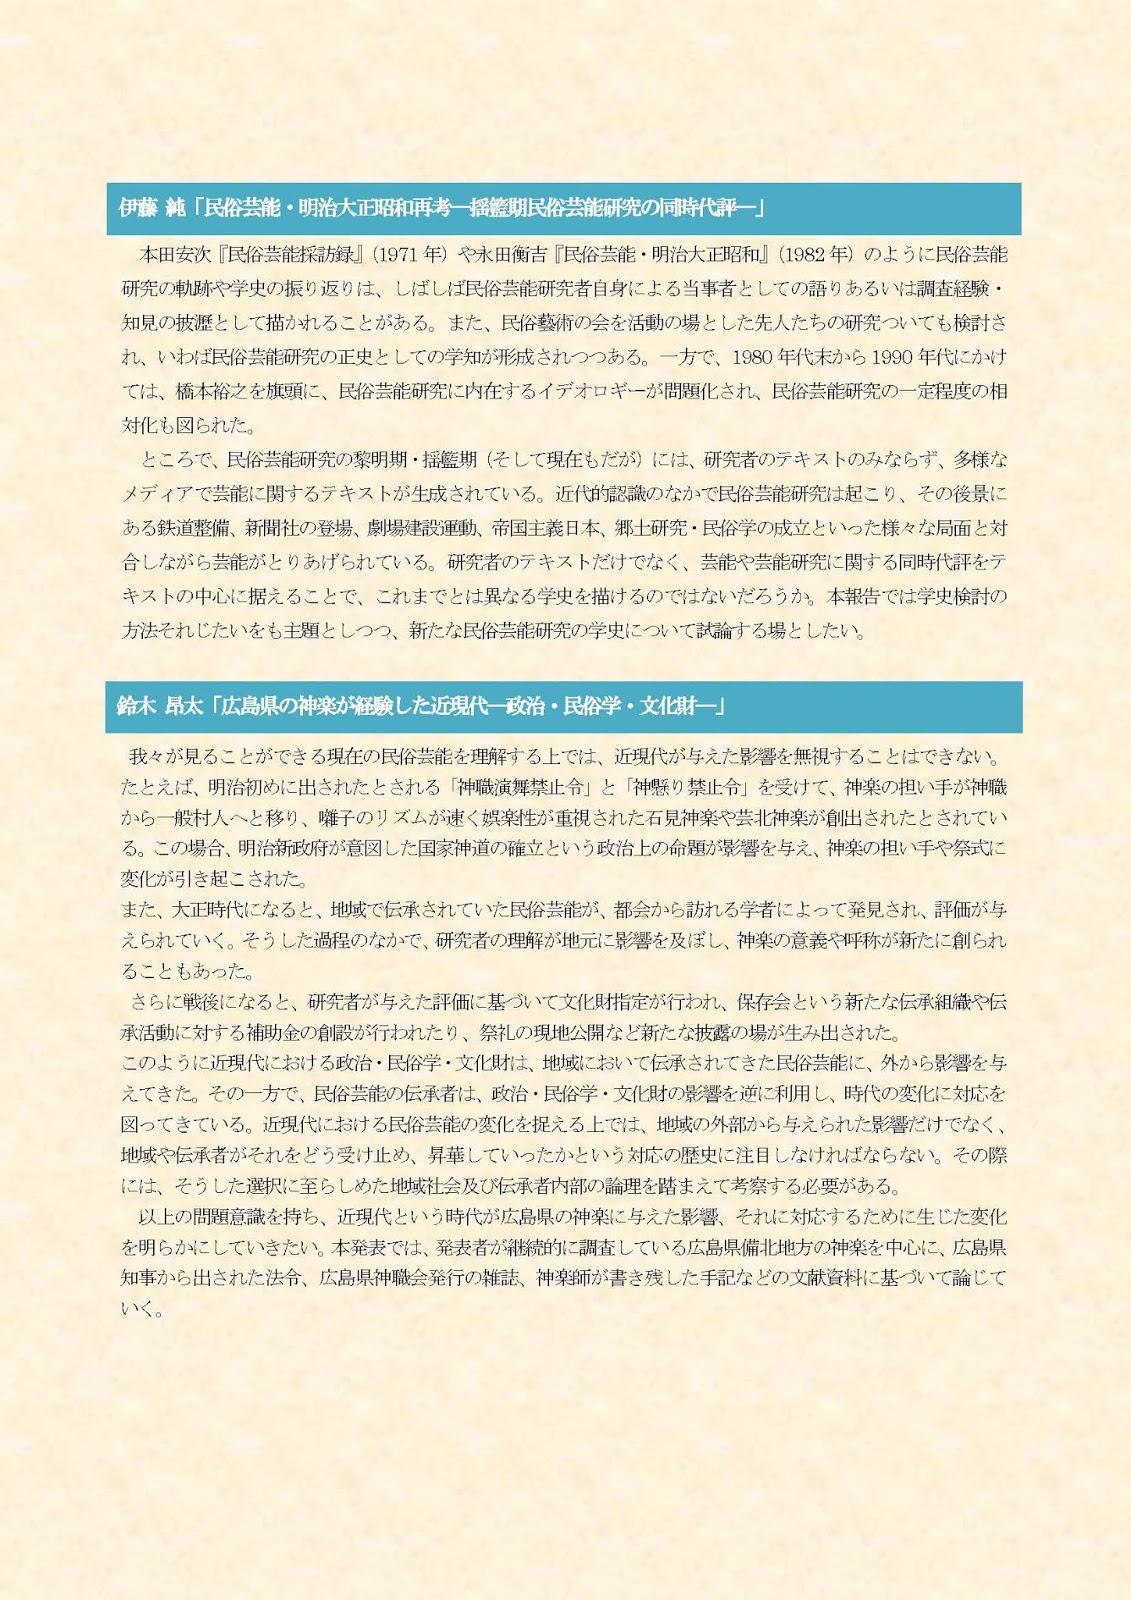 大学 竹本 源五郎